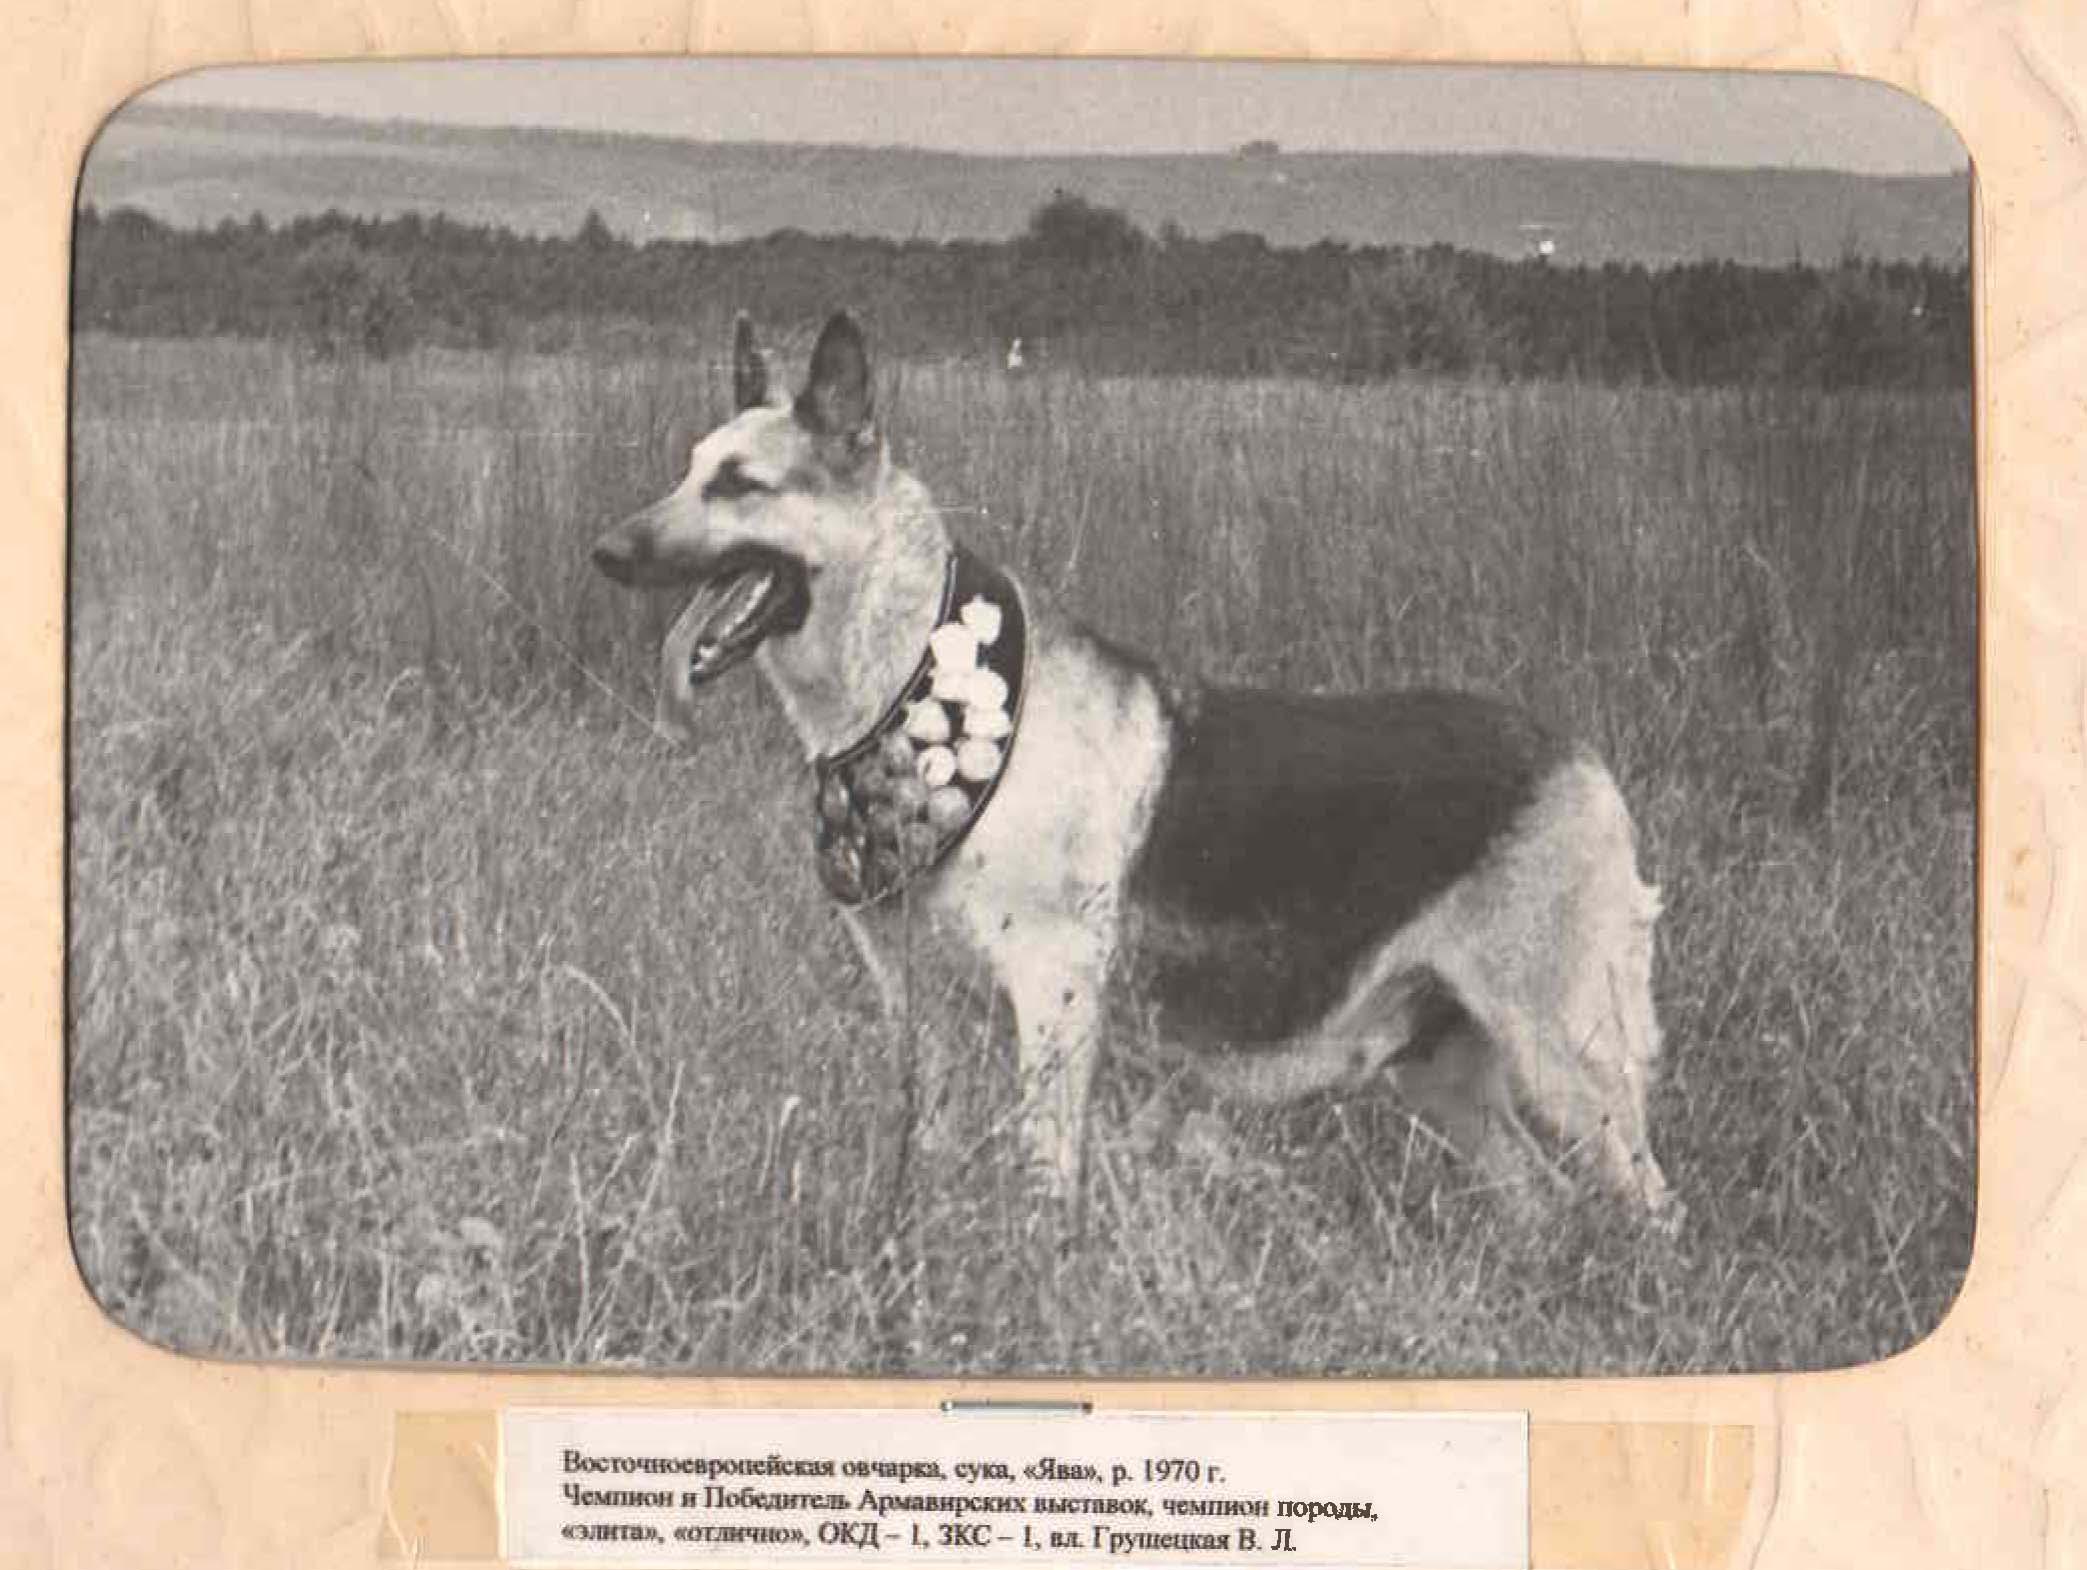 ВЕО Ява, 1970 г. р., вл. Грушецкая В.Л.